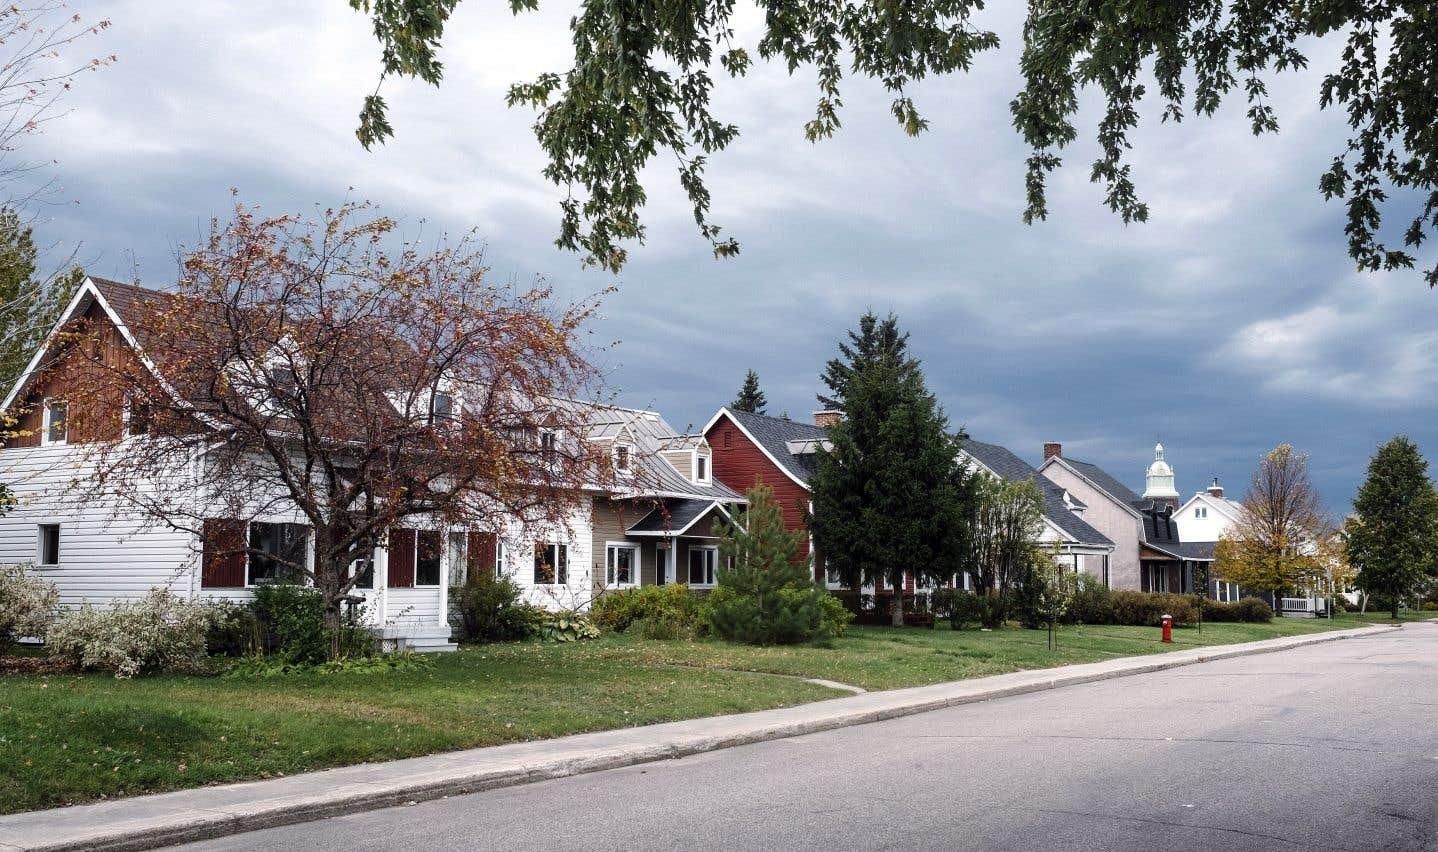 En 2010, un ambitieux programme a été lancé afin d'encourager les propriétaires à rénover leur maison avec les matériaux de l'époque.